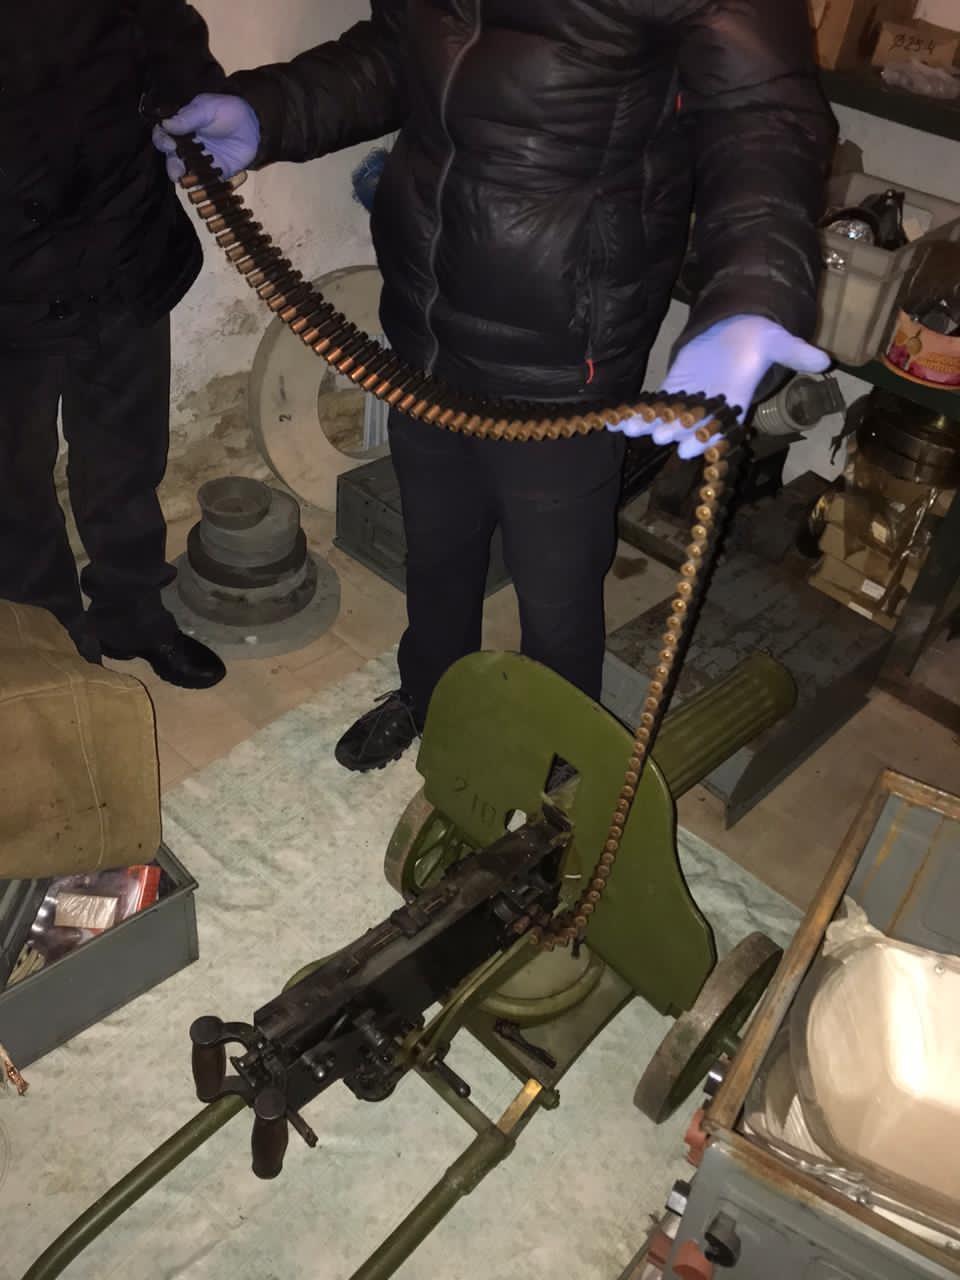 Мешканці Василькова незаконно зберігали вдома зброю і боєприпаси - боєприпаси - 126136340 828384554591448 4371787165909964752 o